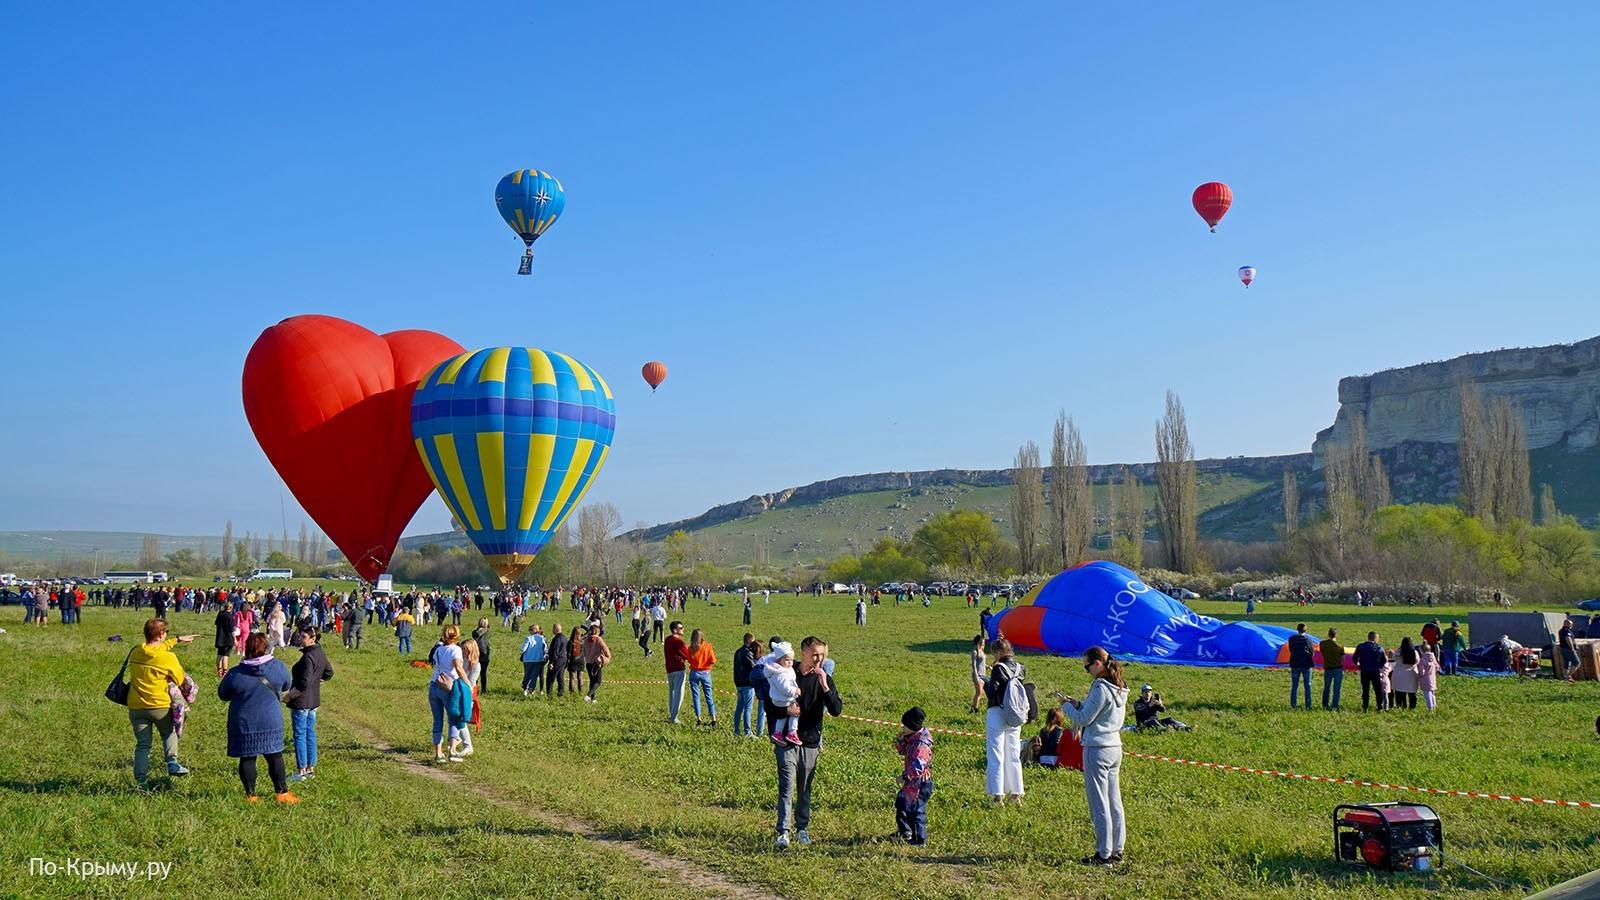 Фестиваль воздушных шаров, Крым